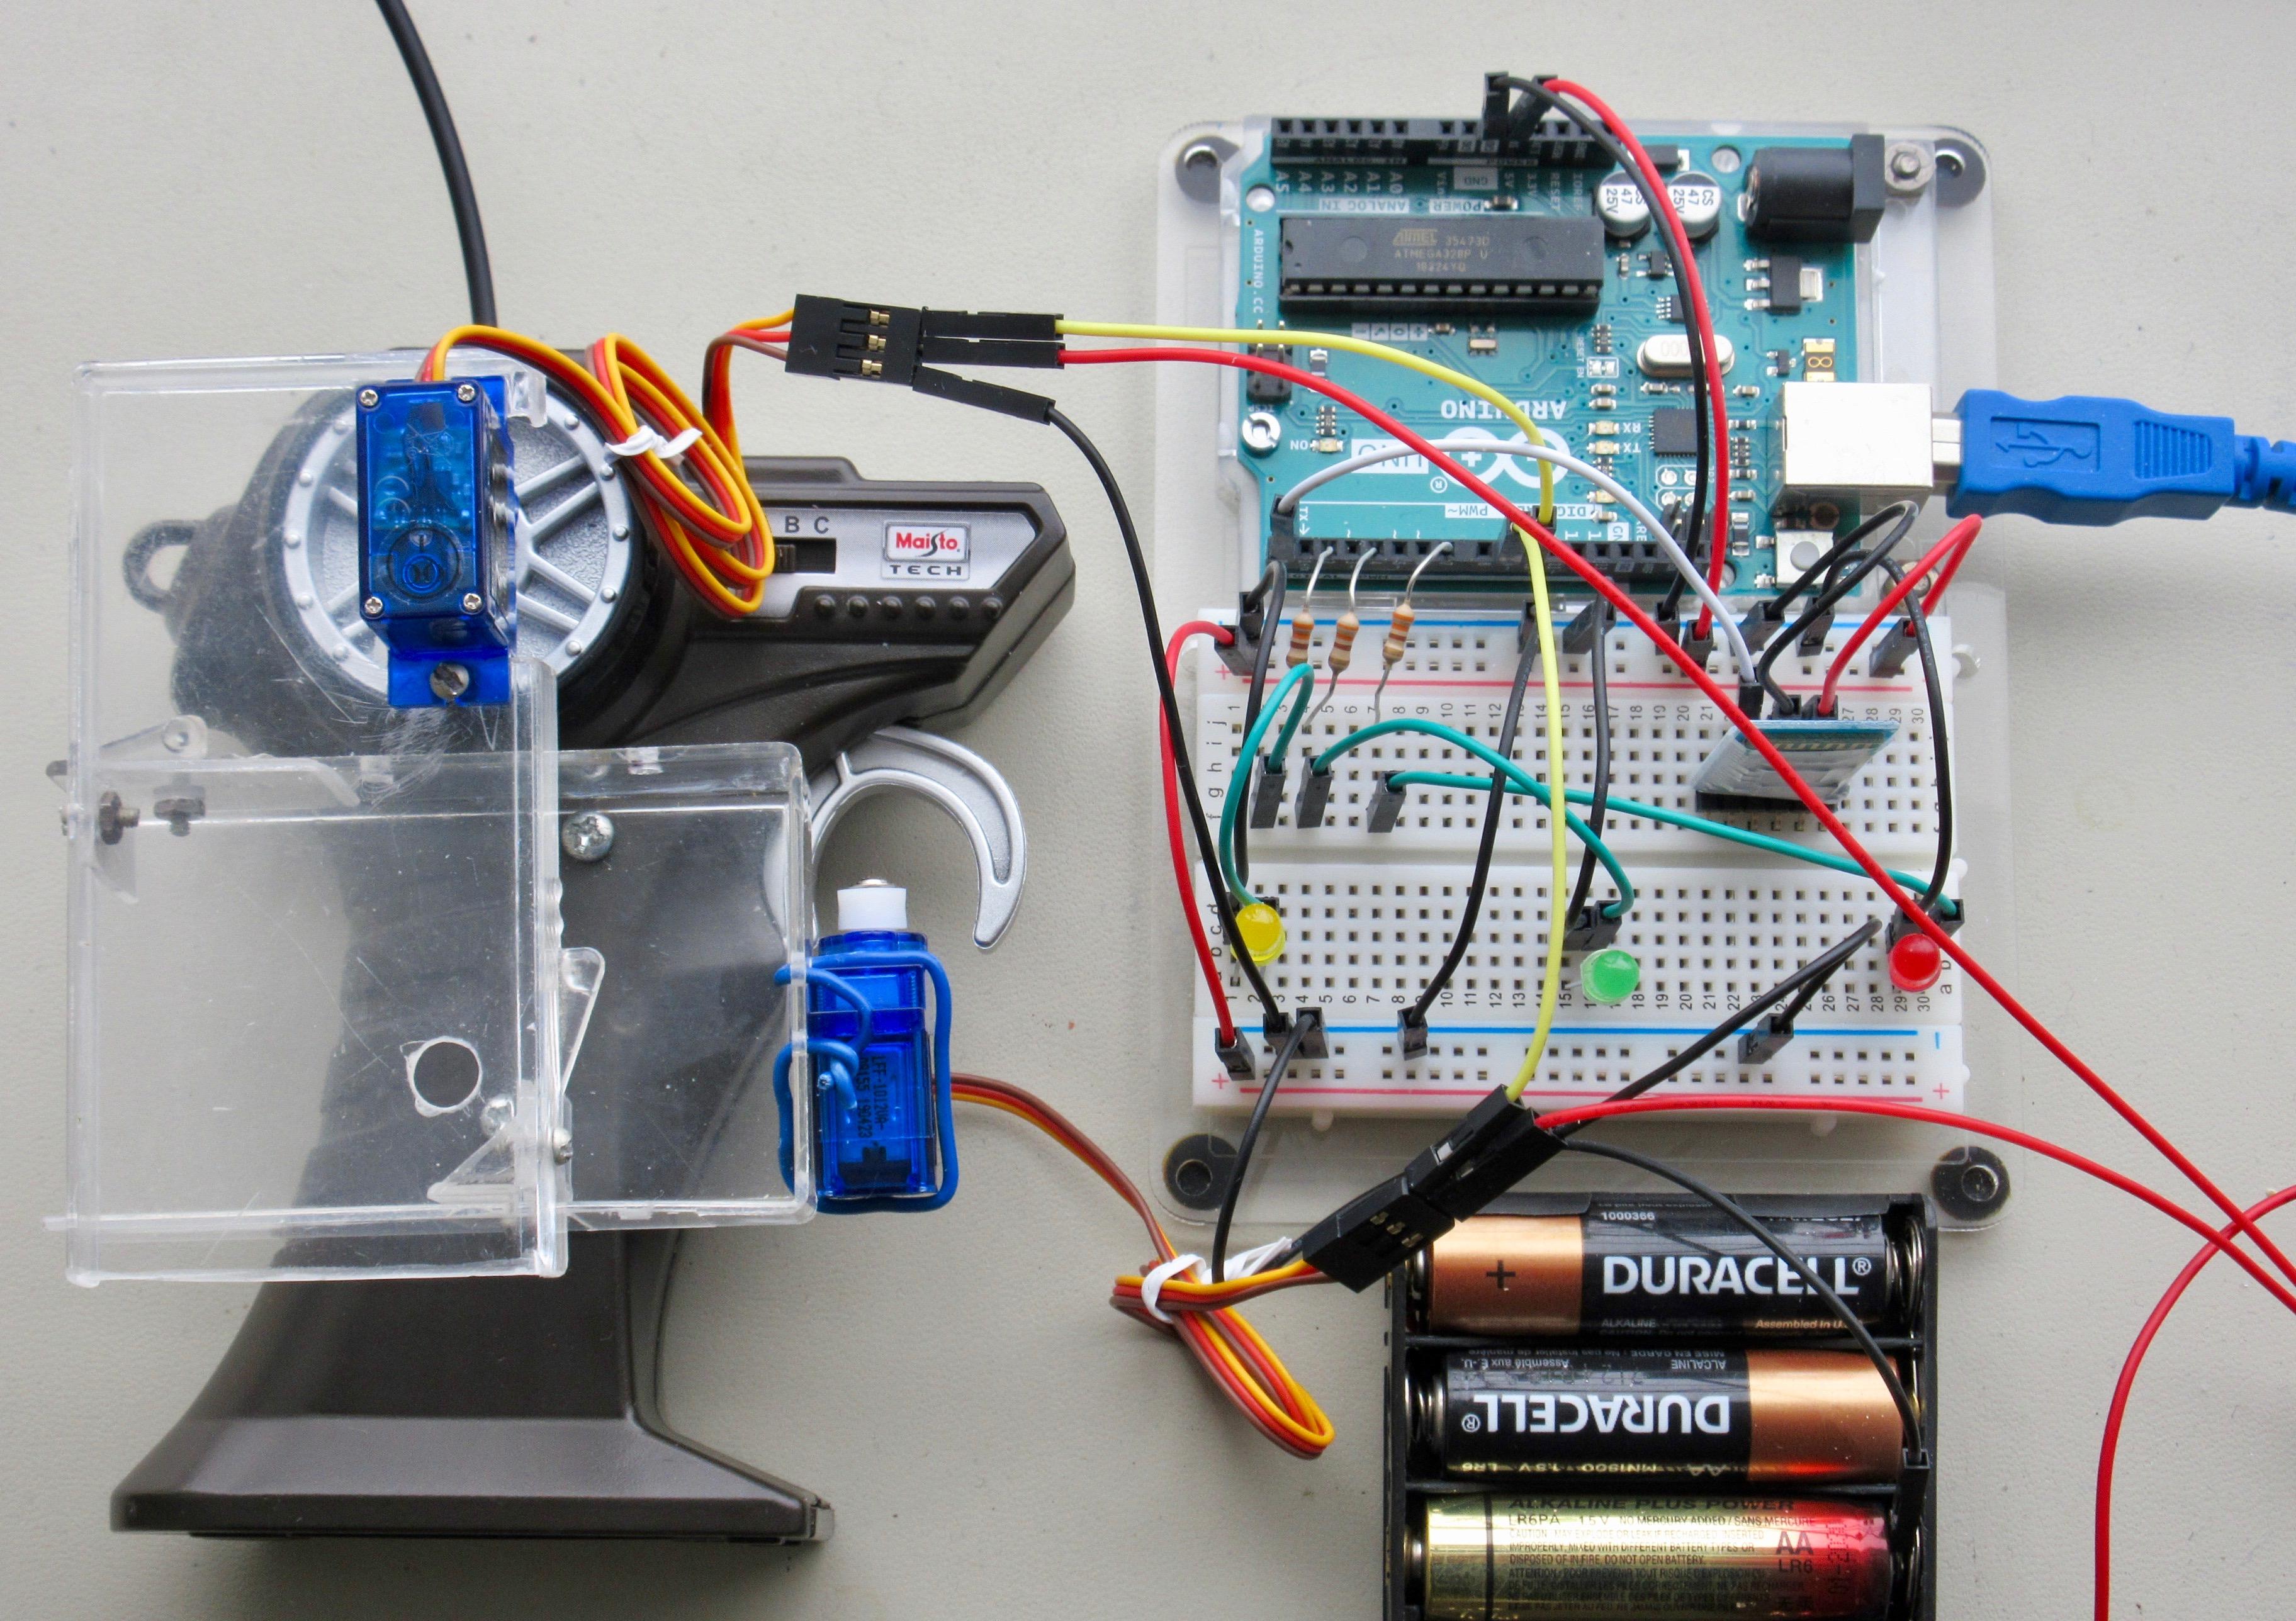 Truck 4 circuit eferiyvj7k